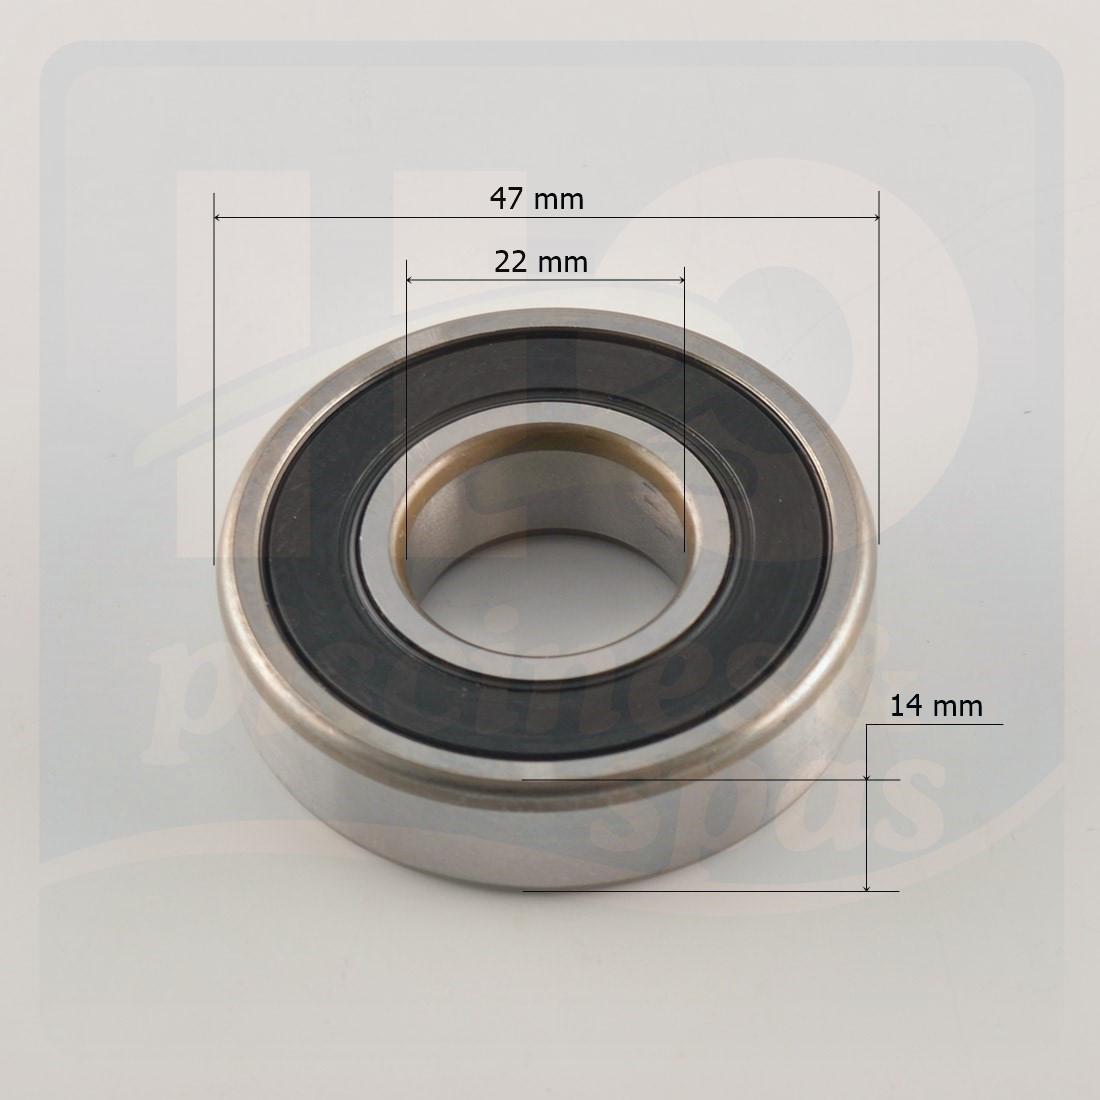 roulement billes 6204 pour pompe de piscine h2o piscines spas. Black Bedroom Furniture Sets. Home Design Ideas